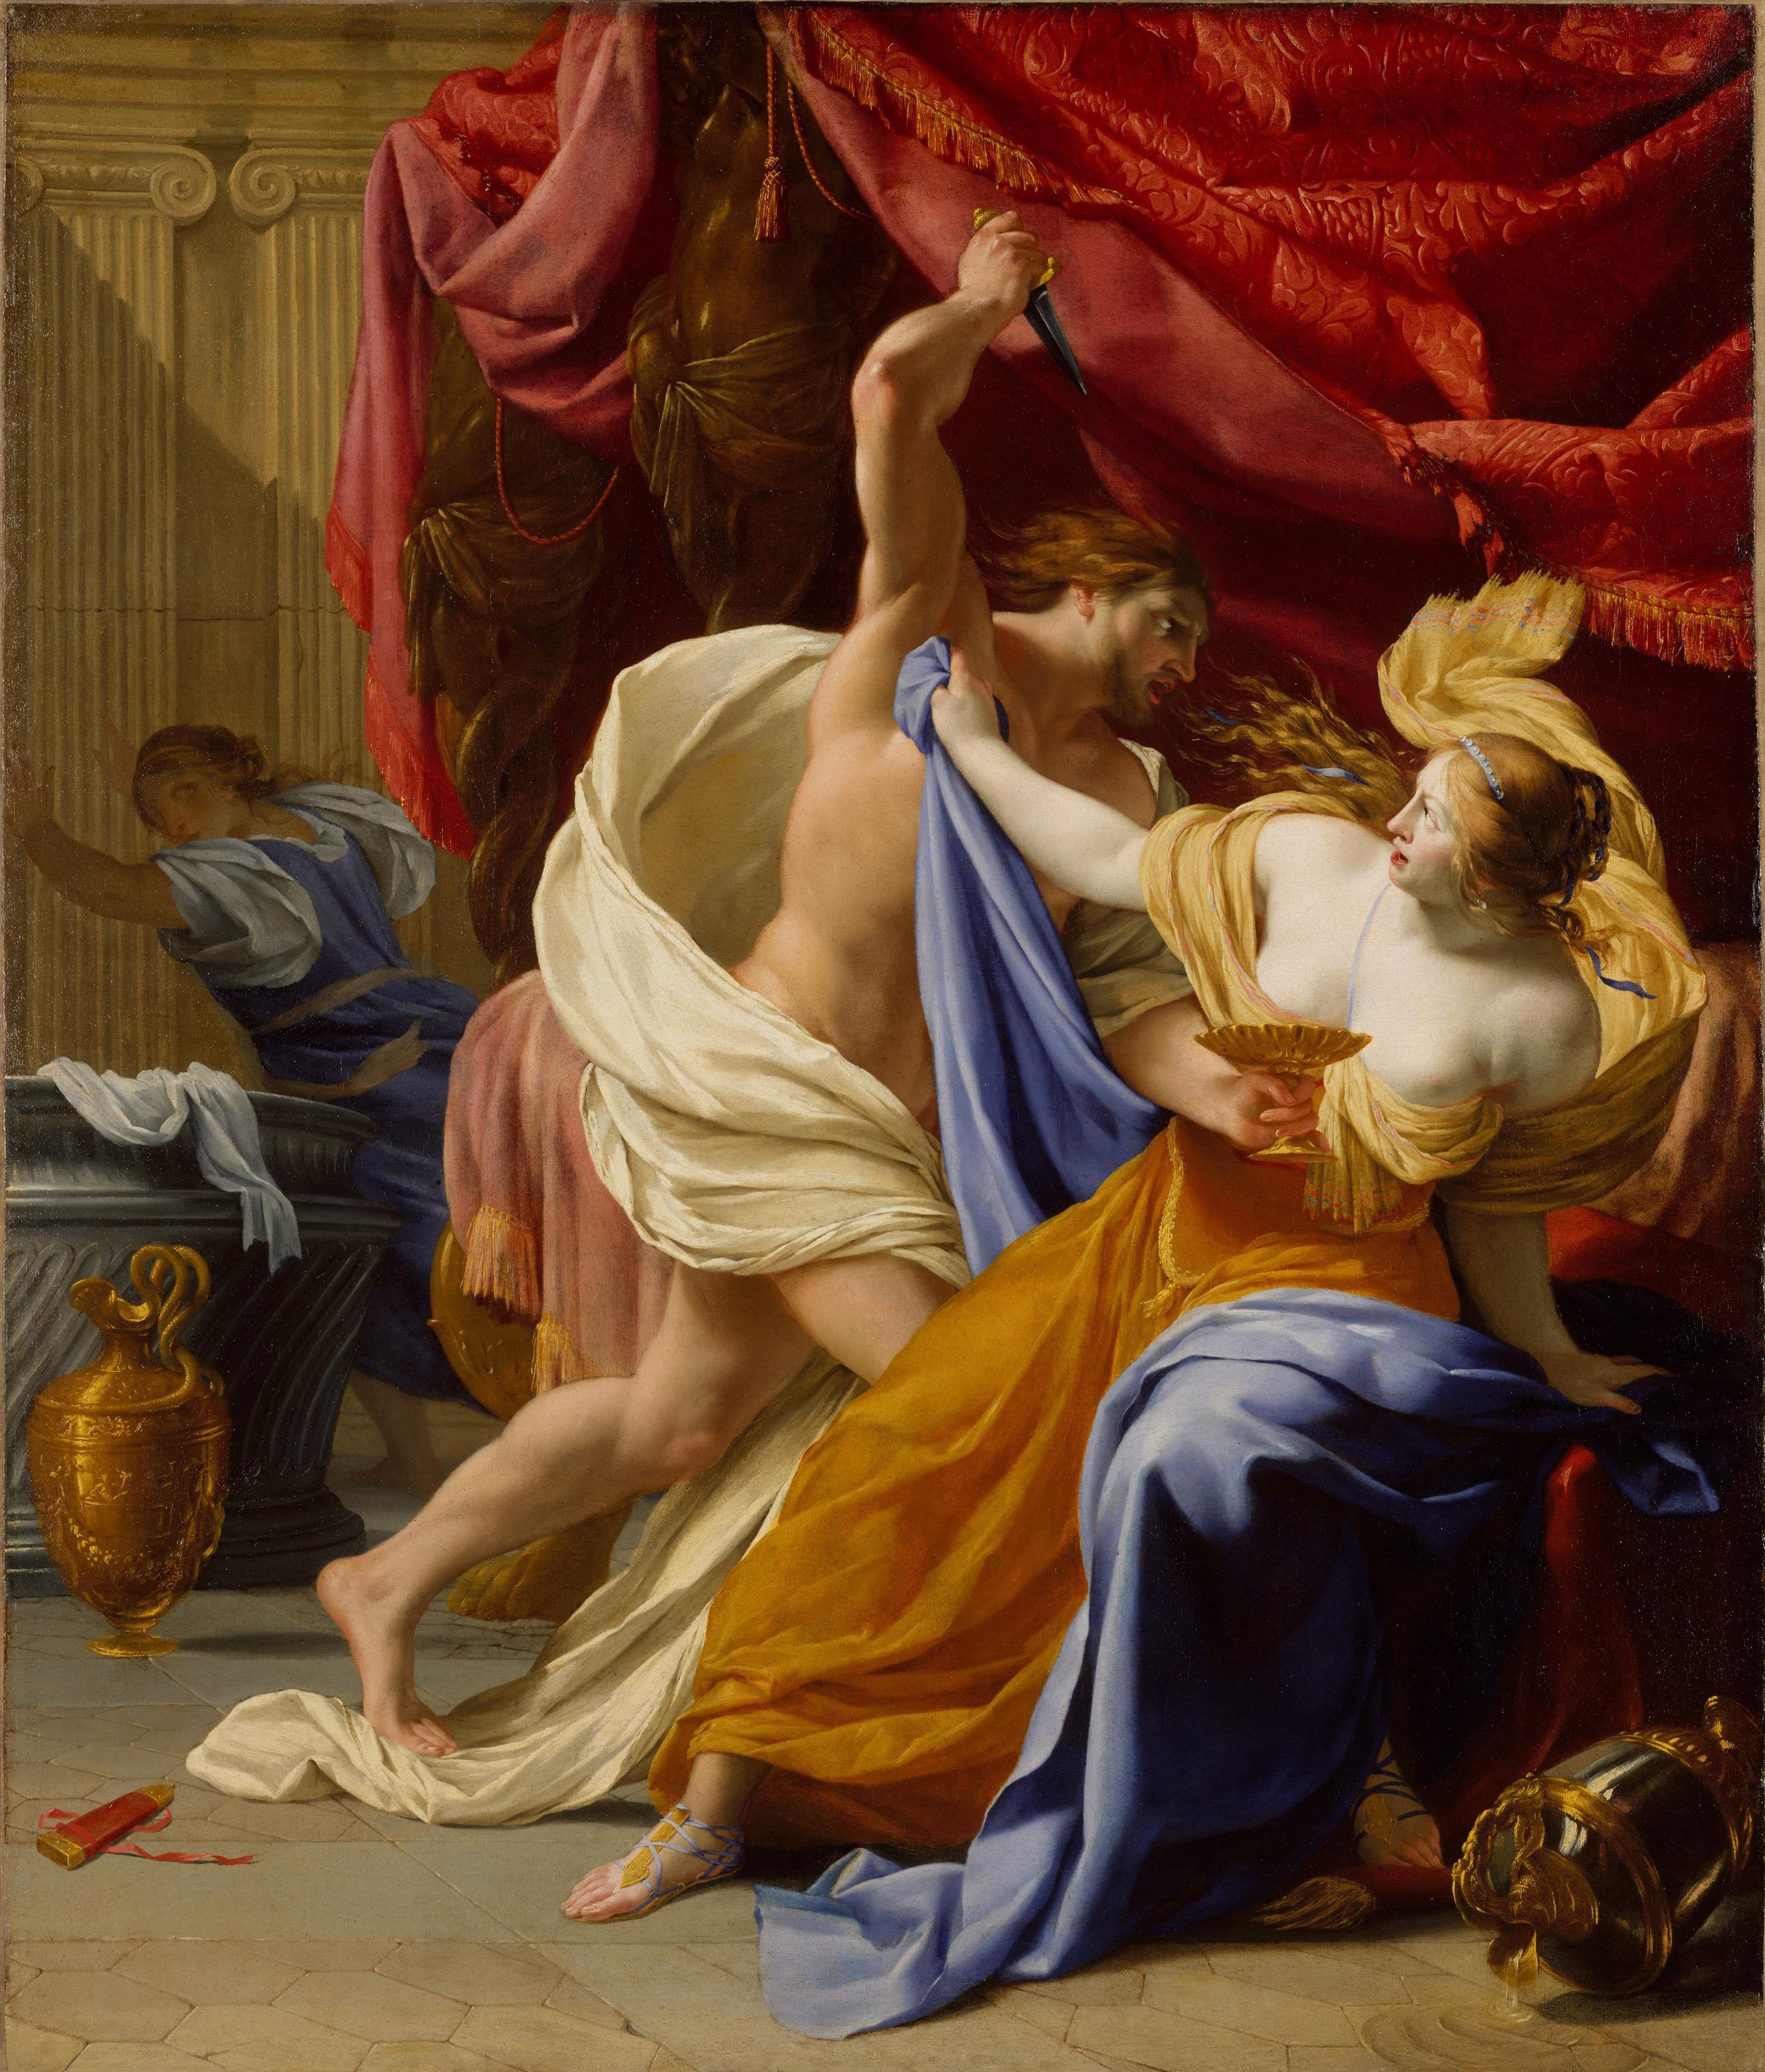 Description Rape of Tamar - Le Seur trim.jpg